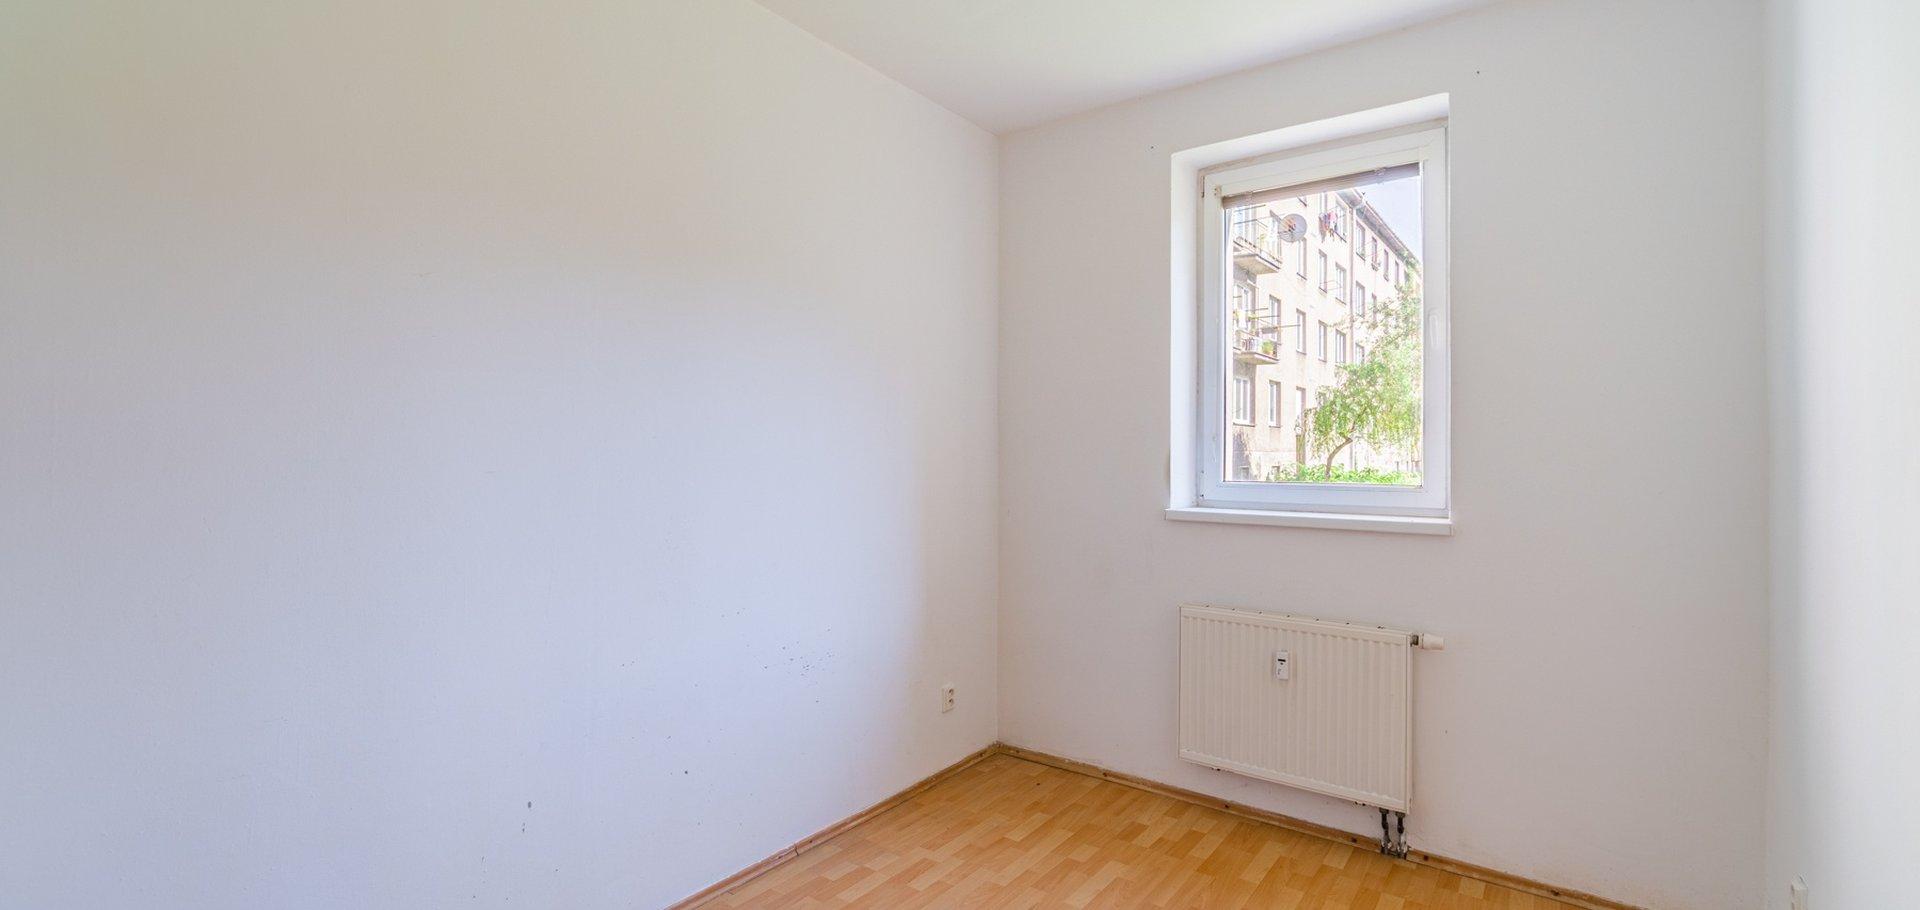 Prodej bytu 2+kk, 46m², ul. Tovární, Český Těšín